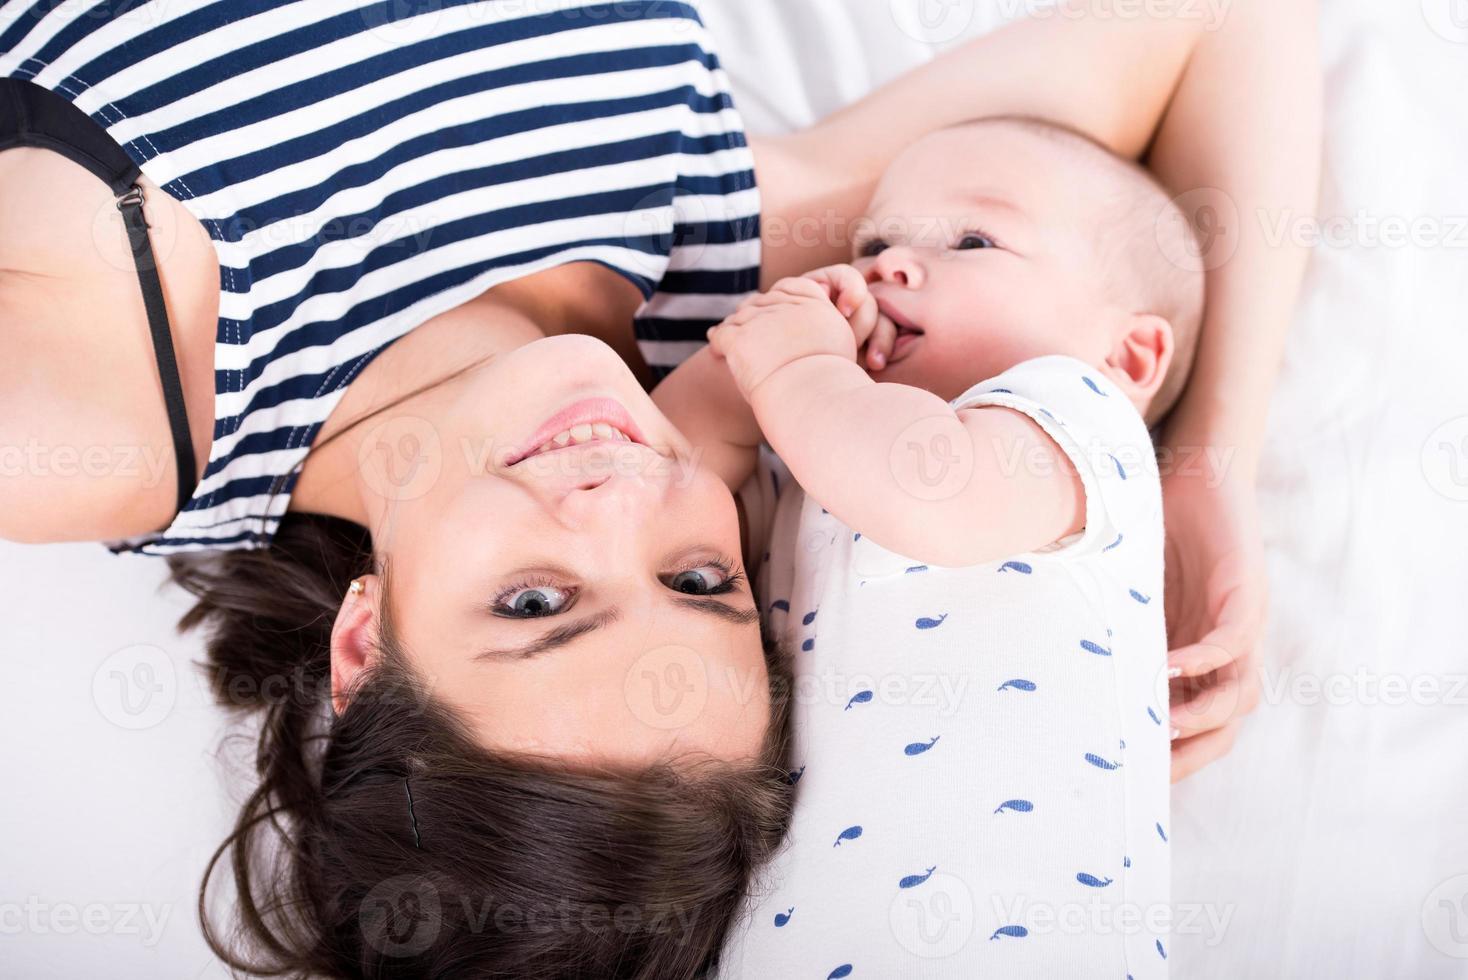 maman et bébé photo